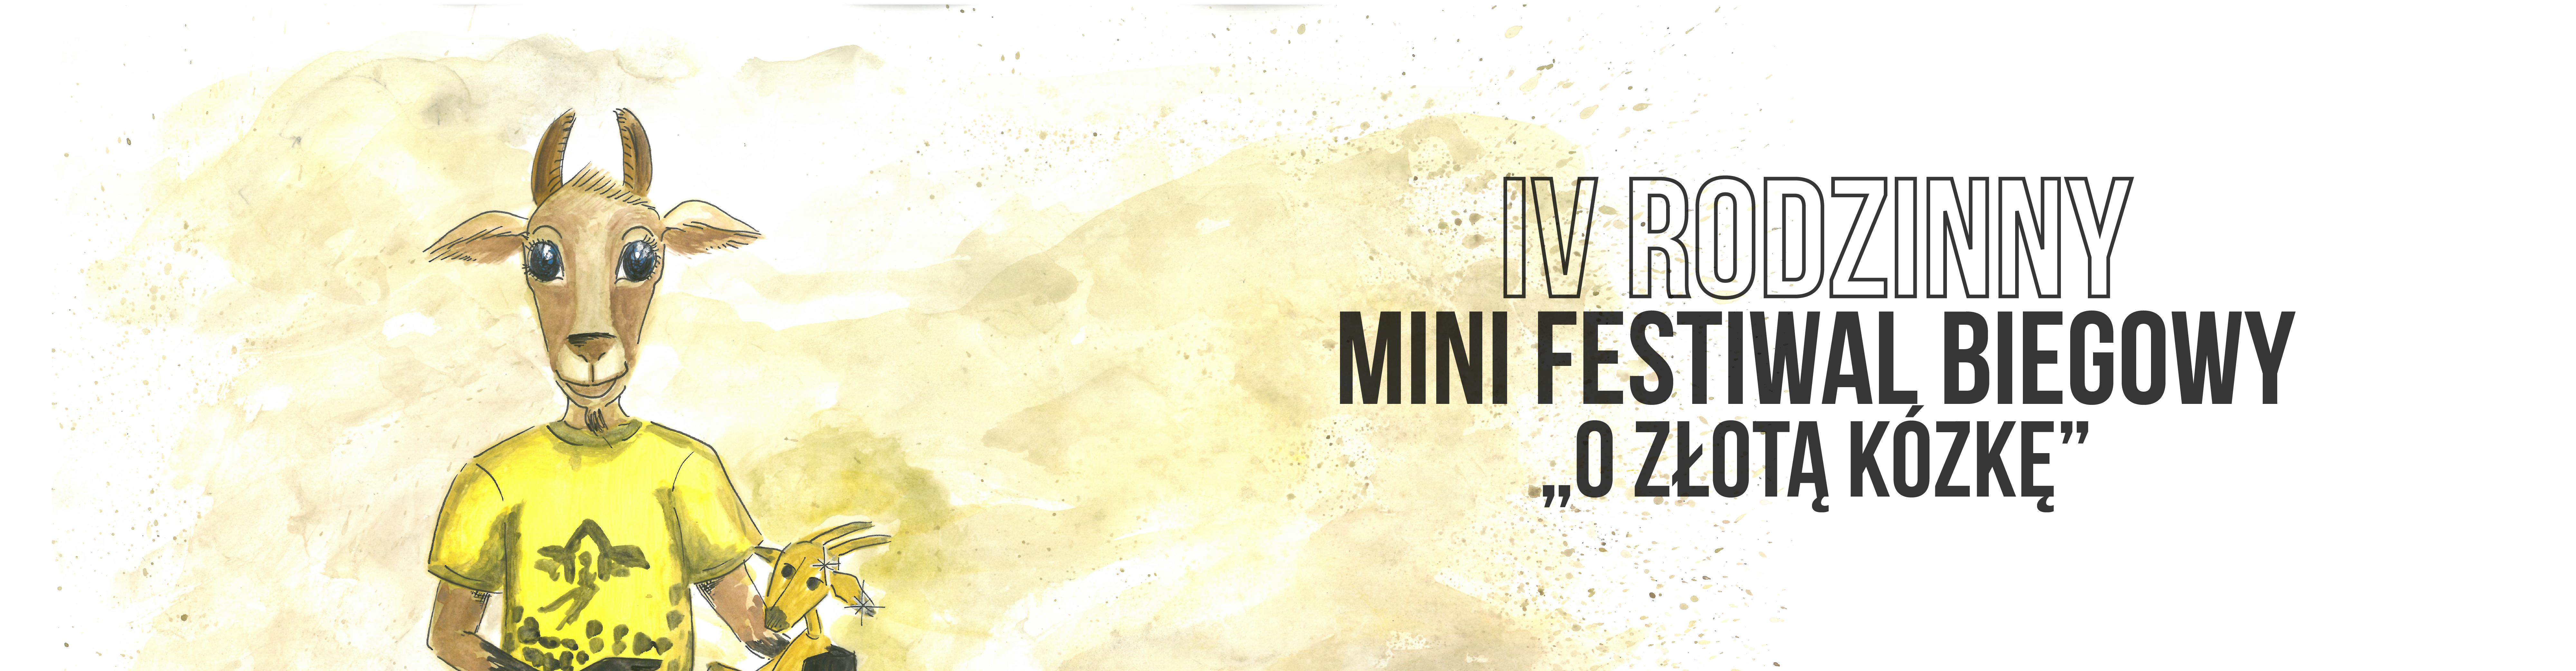 IV Rodzinny Mini Festiwal Biegowy